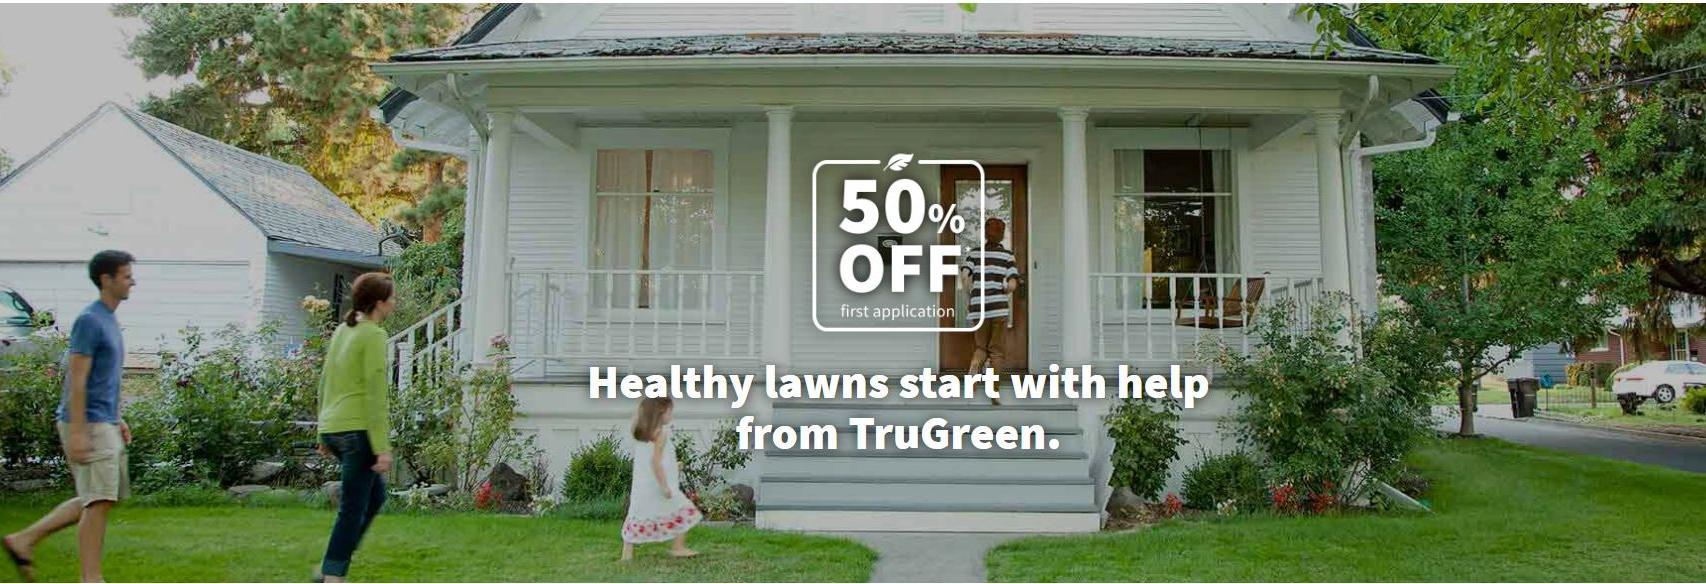 TruGreen, Inc. lawn care